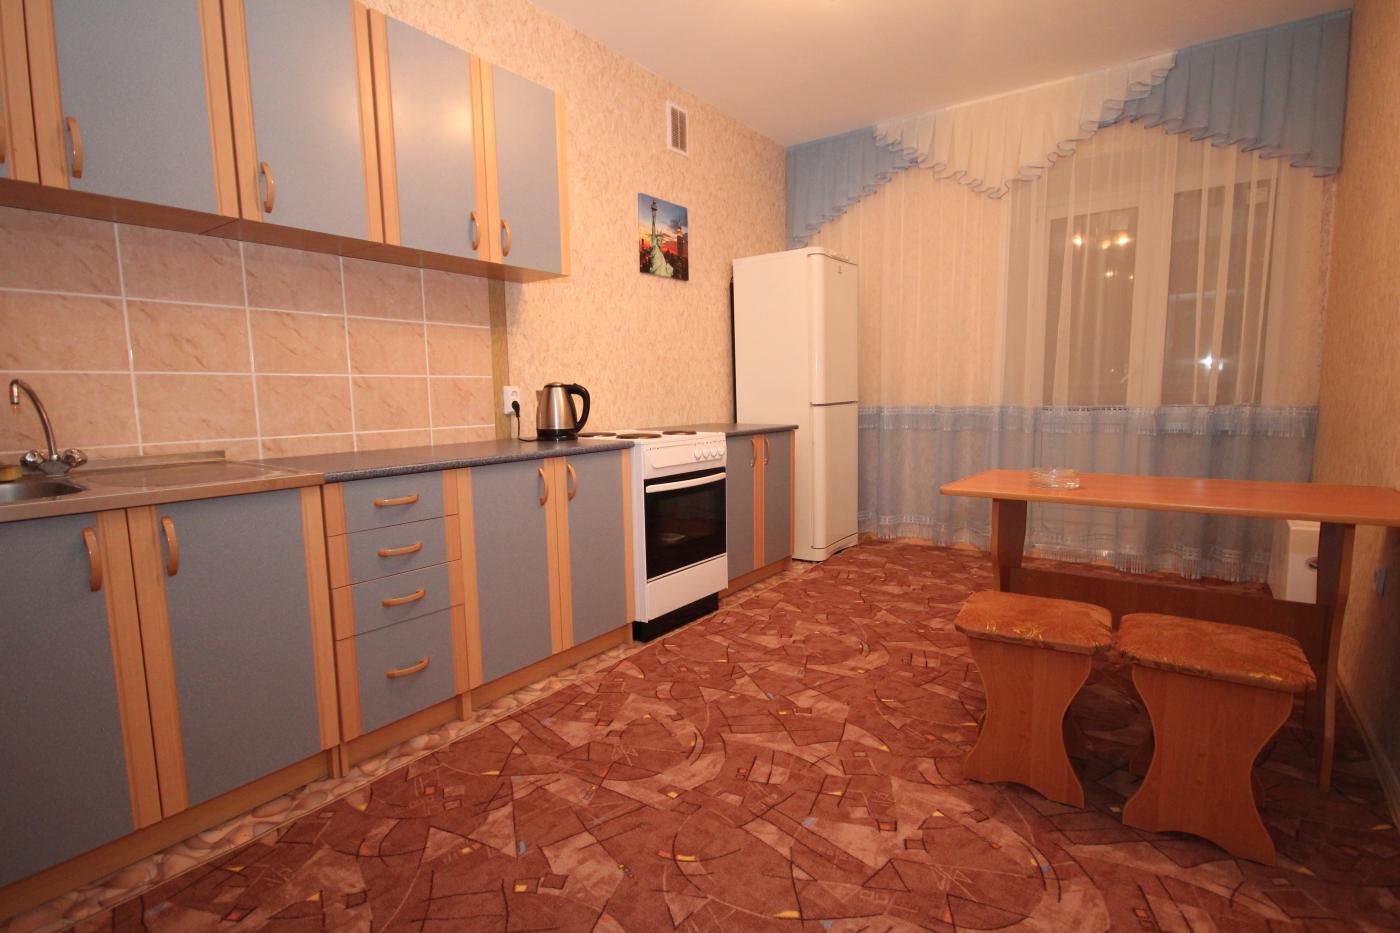 1-комнатная квартира посуточно (вариант № 1408), ул. 60 Армии улица, фото № 3